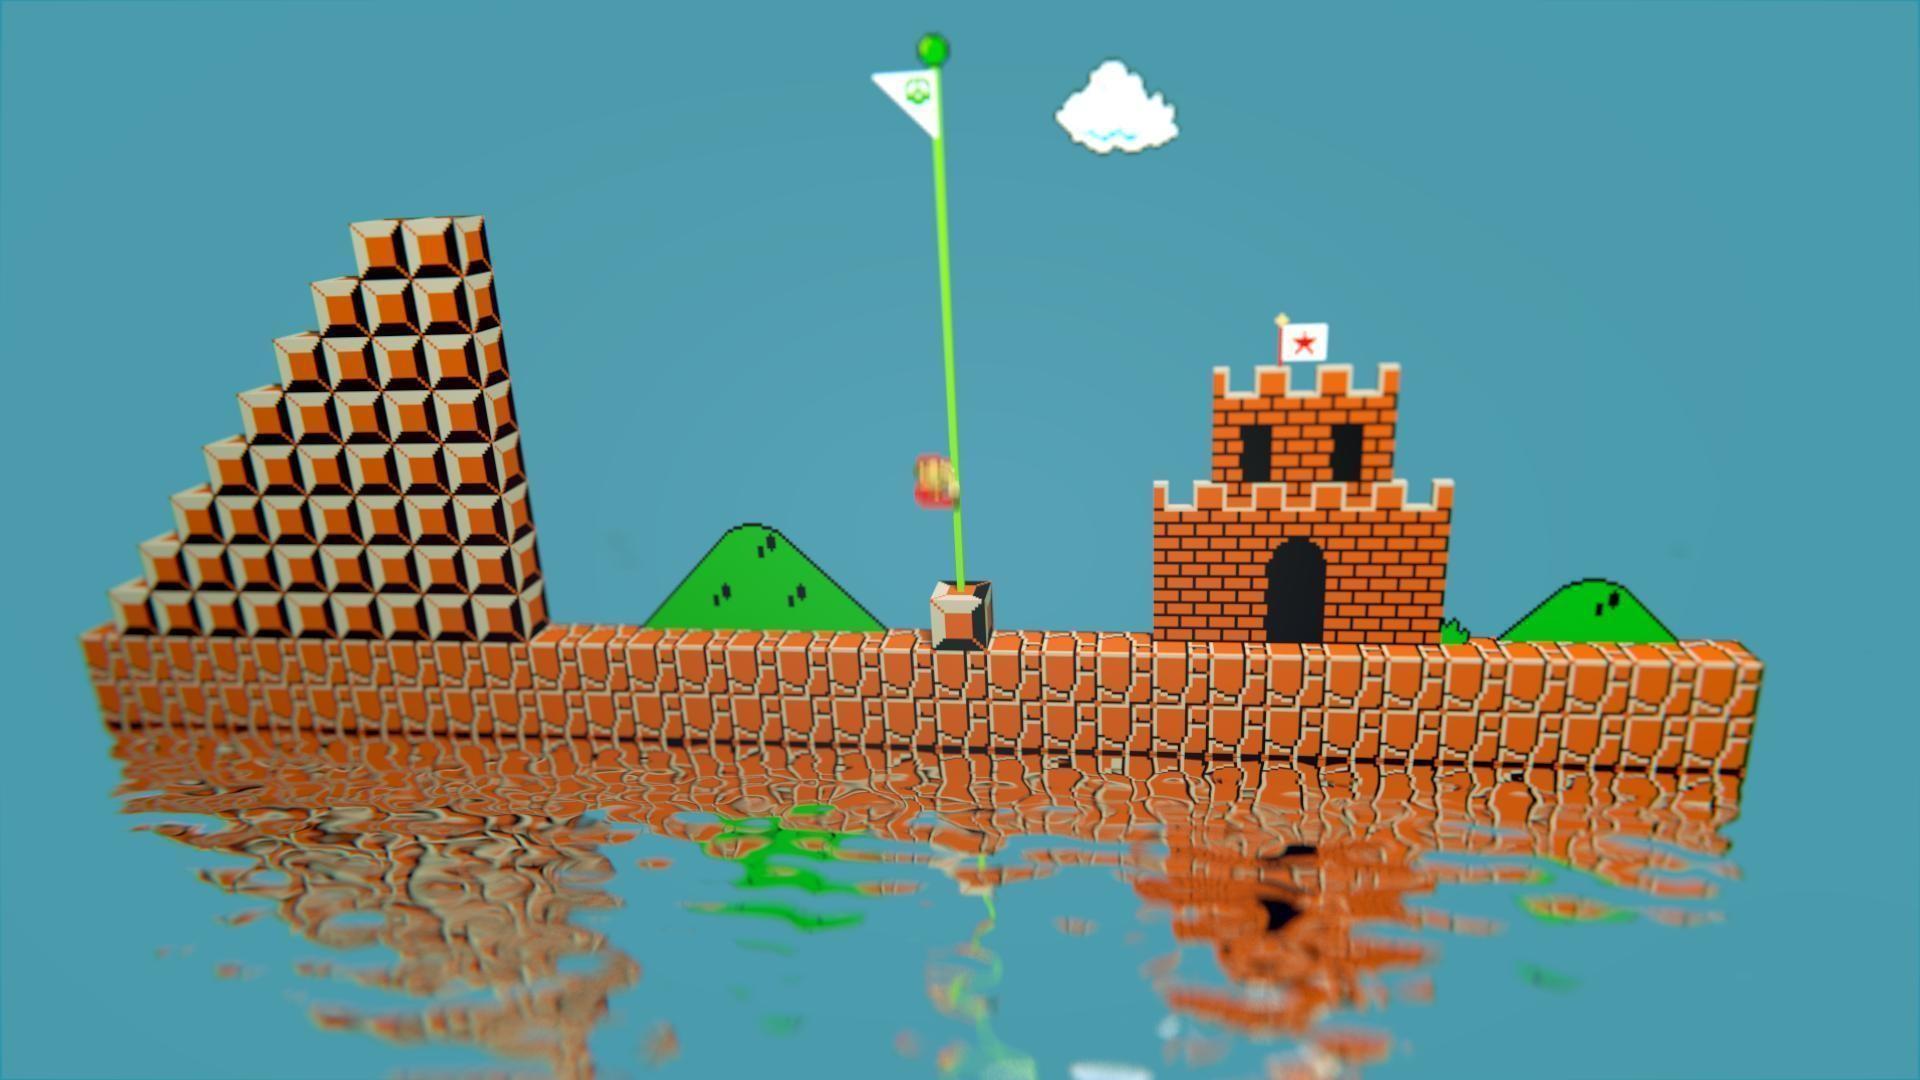 Марио 8 бит скачать бесплатно на компьютер